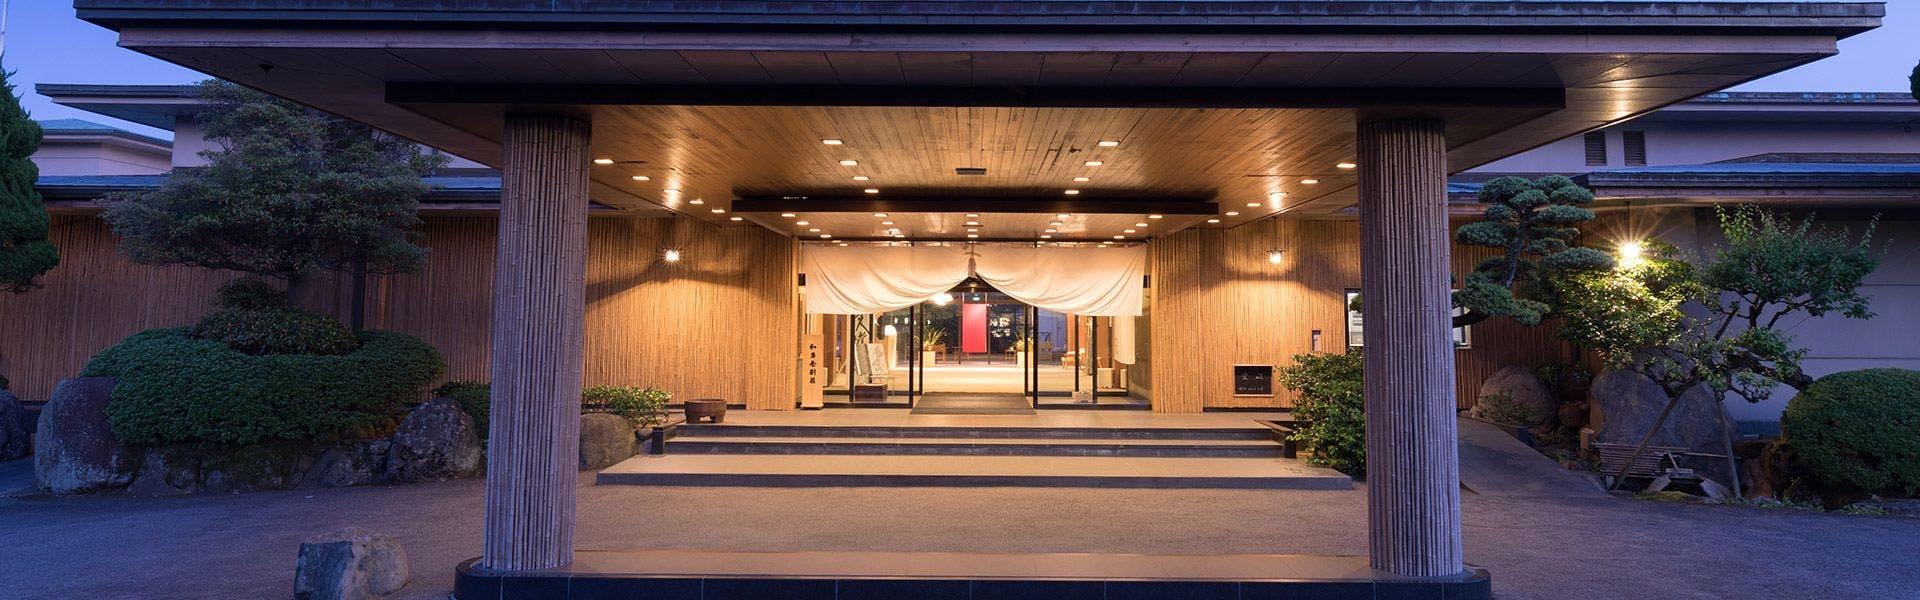 記念日におすすめのホテル・【和多屋別荘】の写真1